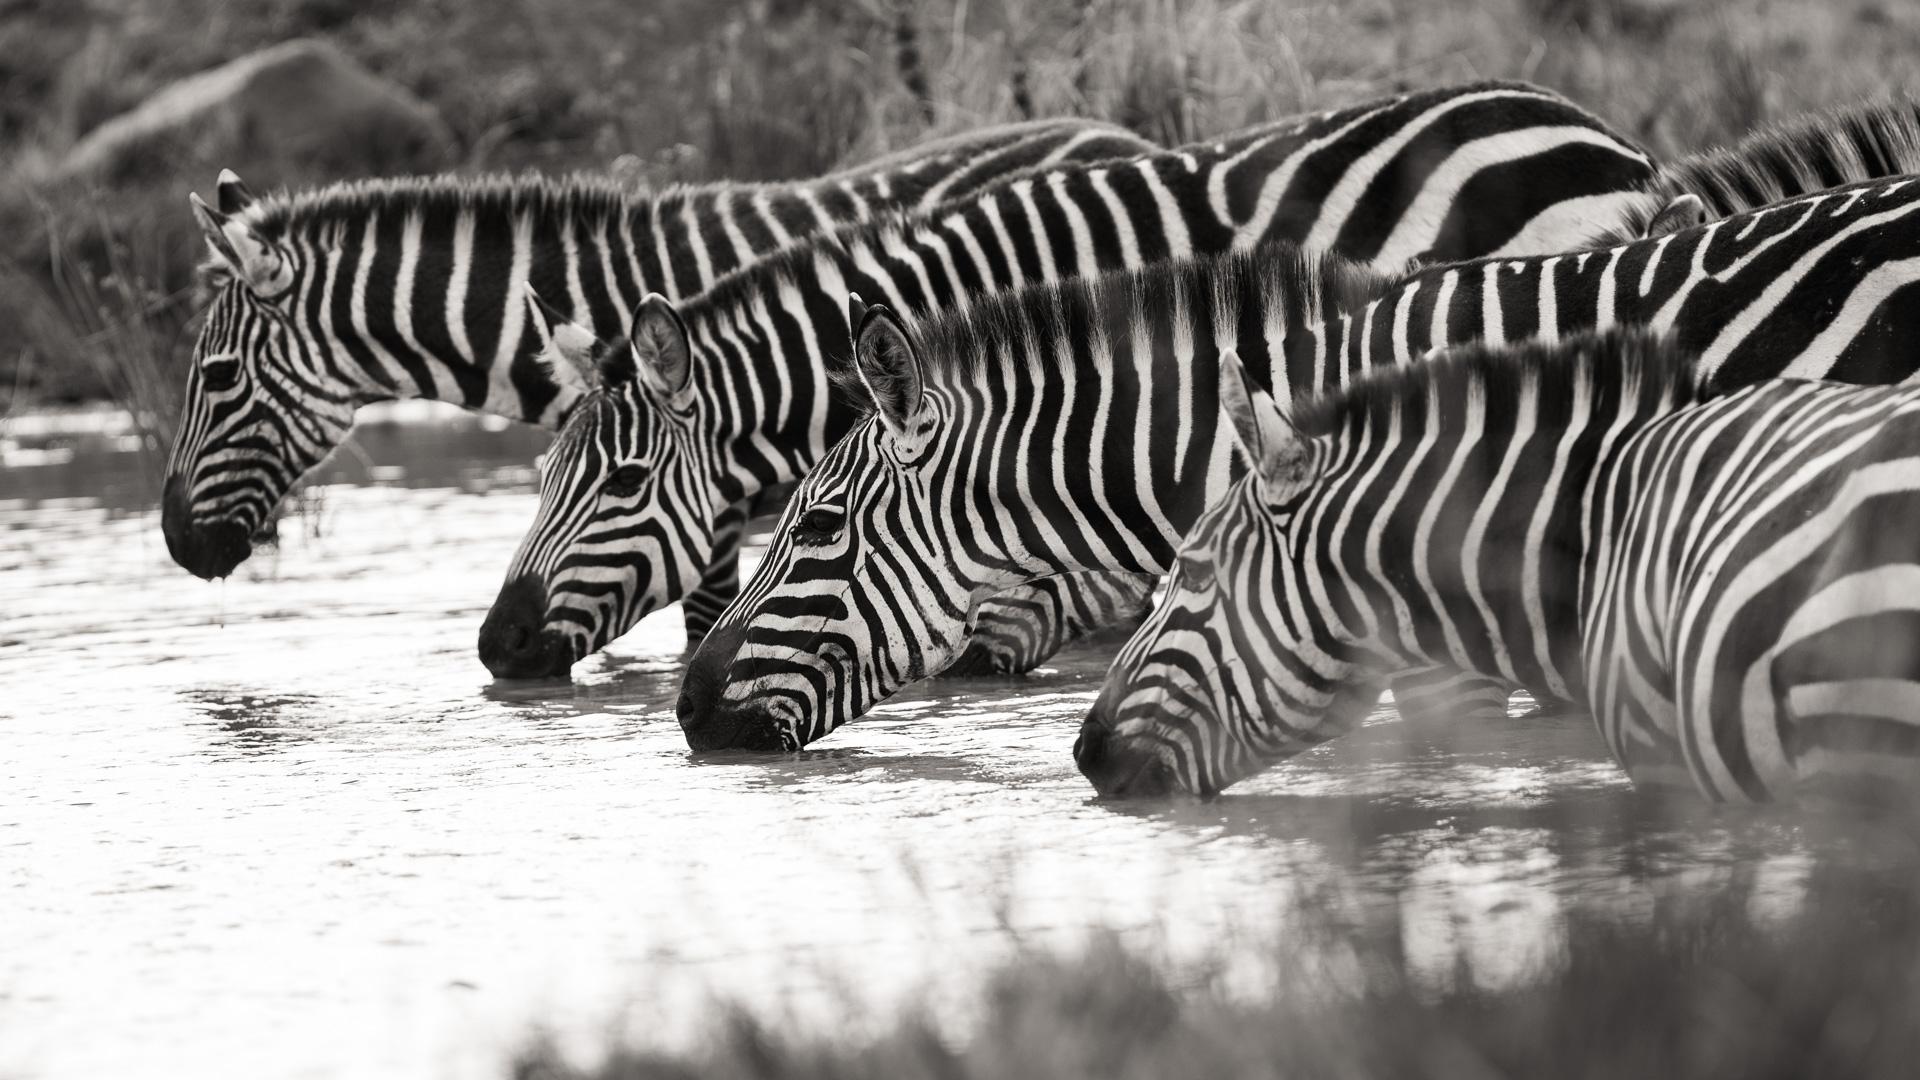 More zebra drinking